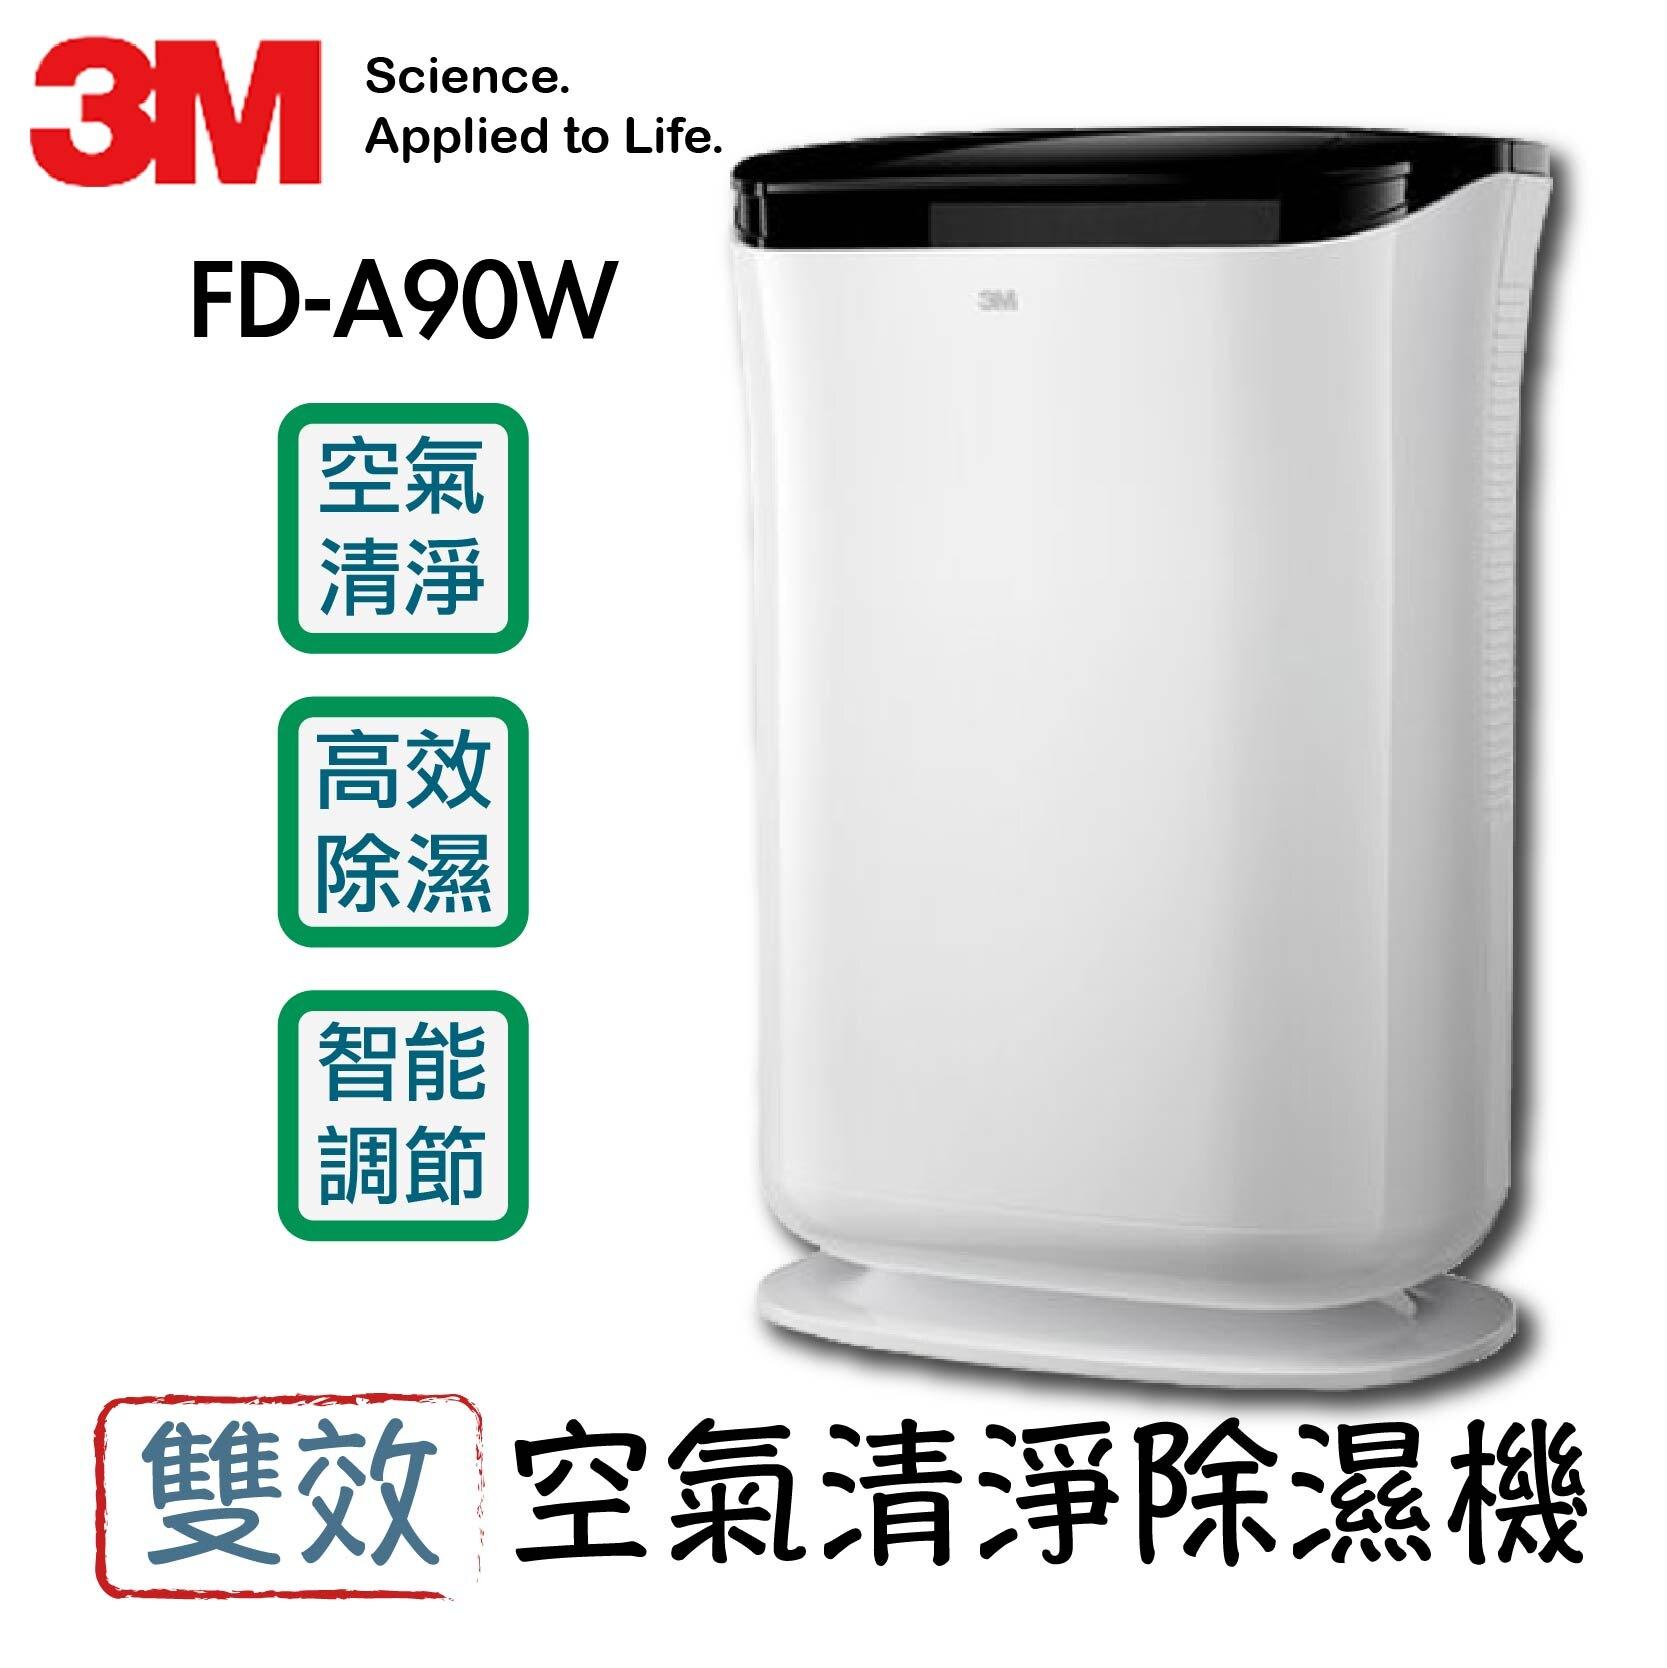 【限時特賣】3M雙效空氣清淨除濕機 FD-A90W 除溼機 空氣清淨機 雙效 過濾過敏源 過濾懸浮微粒 除溼 清淨機